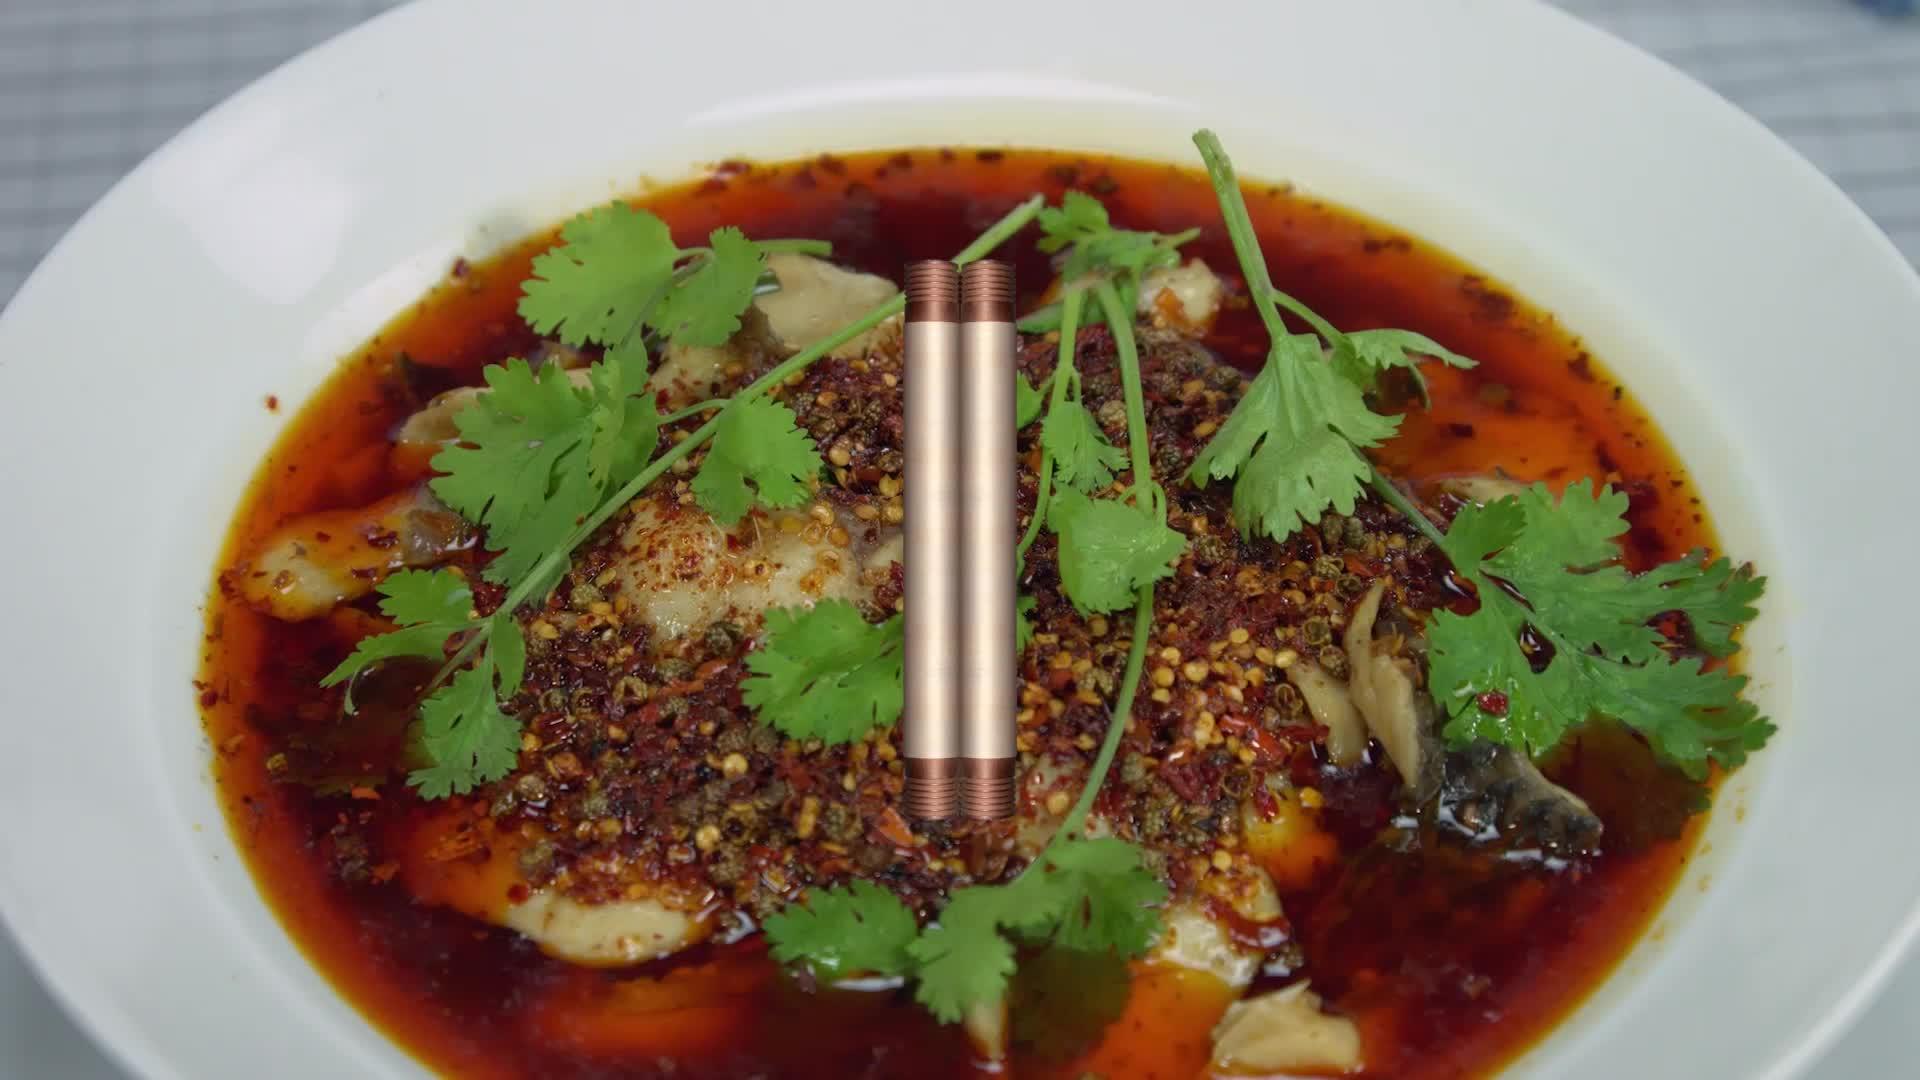 Hersteller Versorgung Chinesischen Lebensmittel Gewürze Würzigen Sauce für Fisch